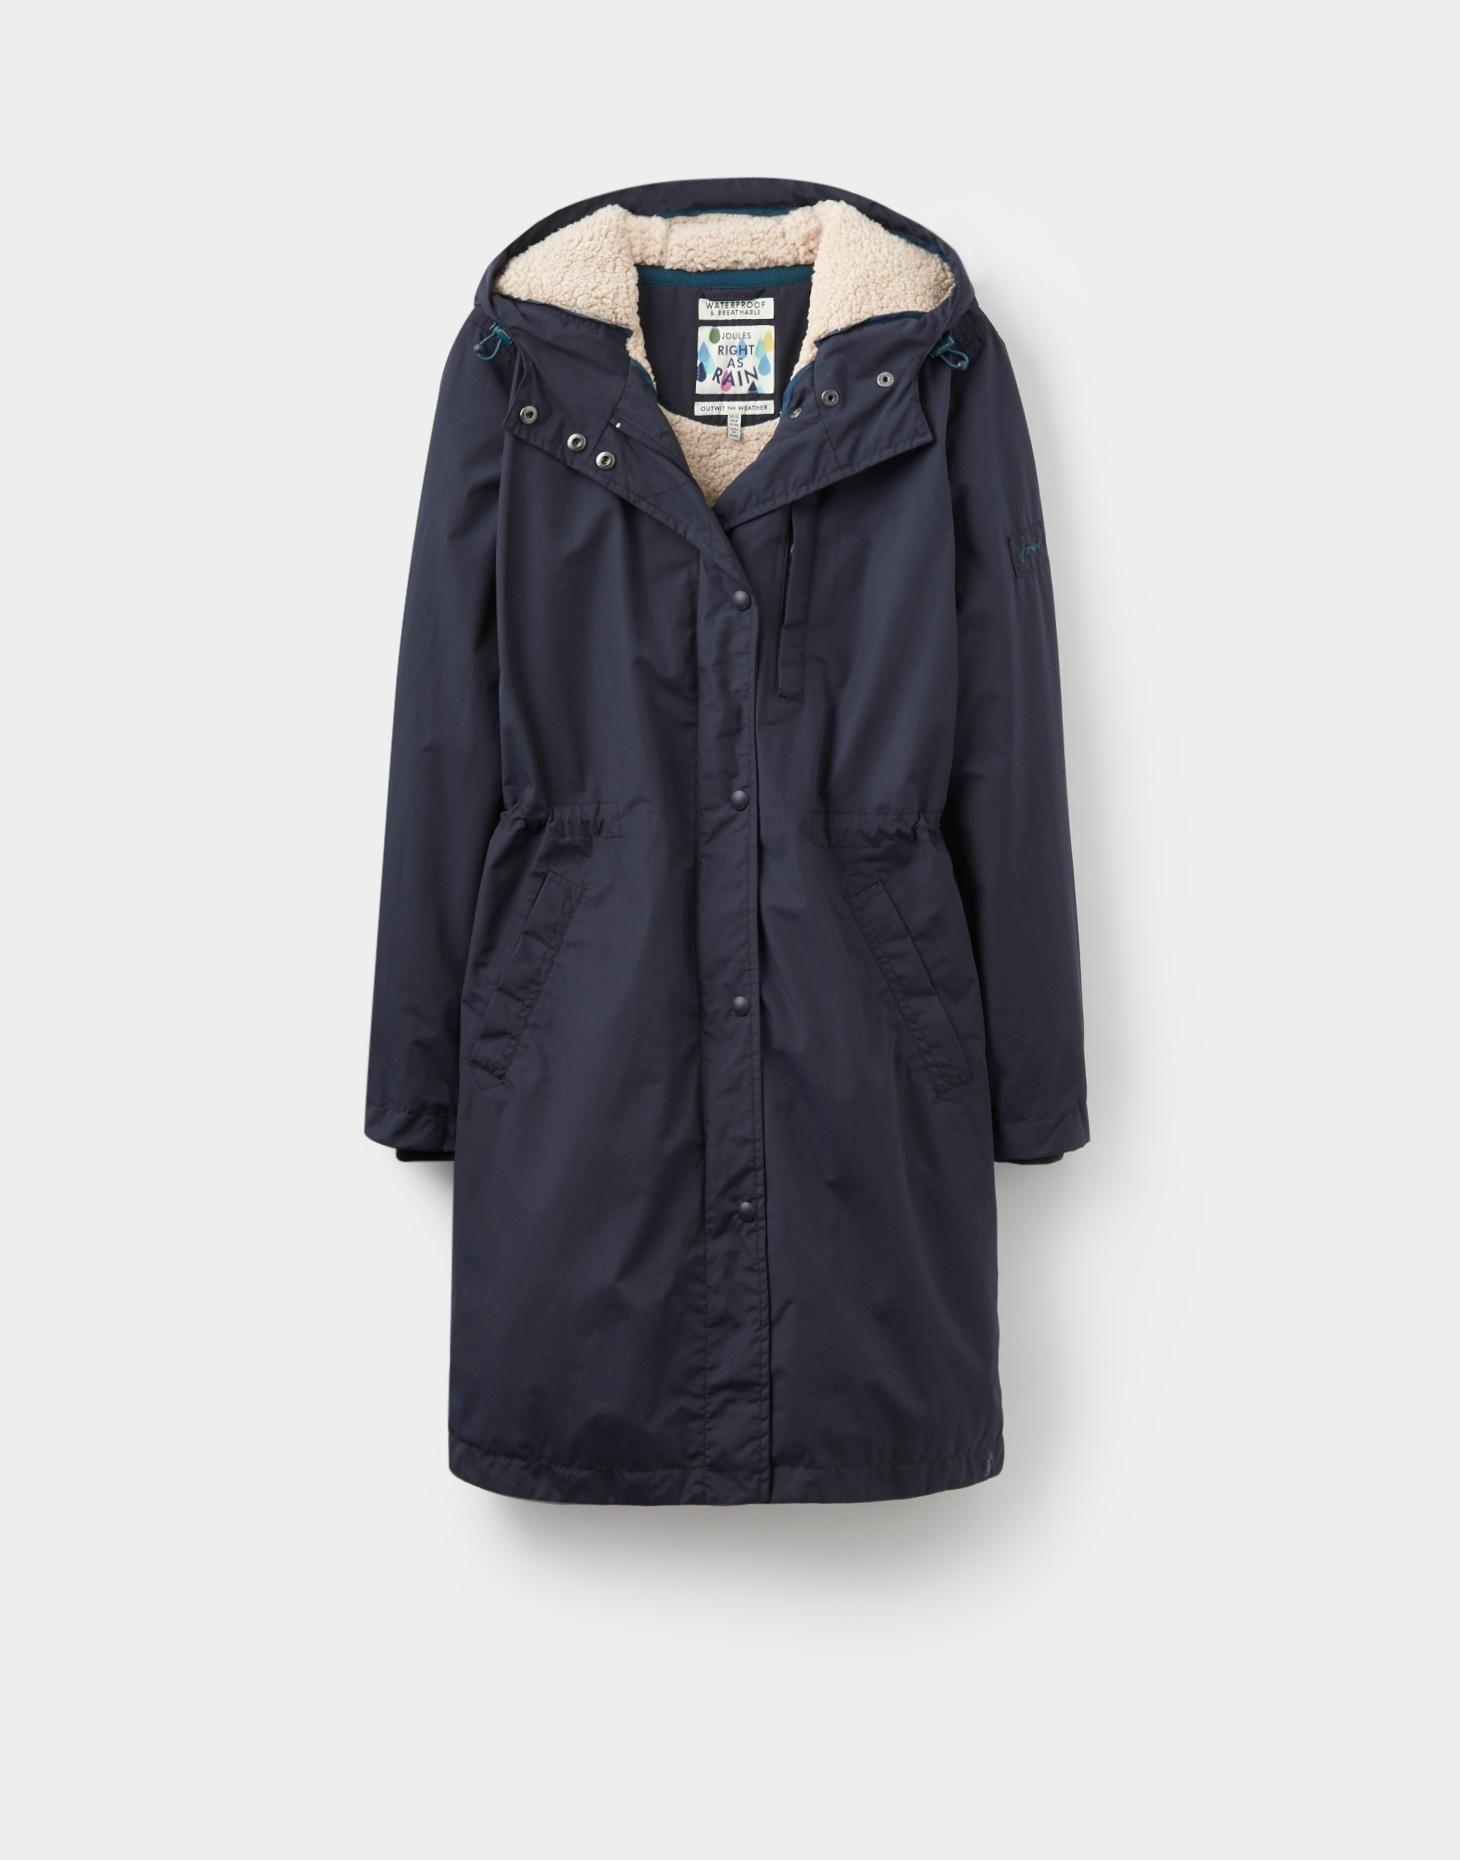 Stormaway Marine Navy Waterproof Coat Joules Us Waterproof Parka Waterproof Winter Coat Waterproof Coat [ 1860 x 1460 Pixel ]